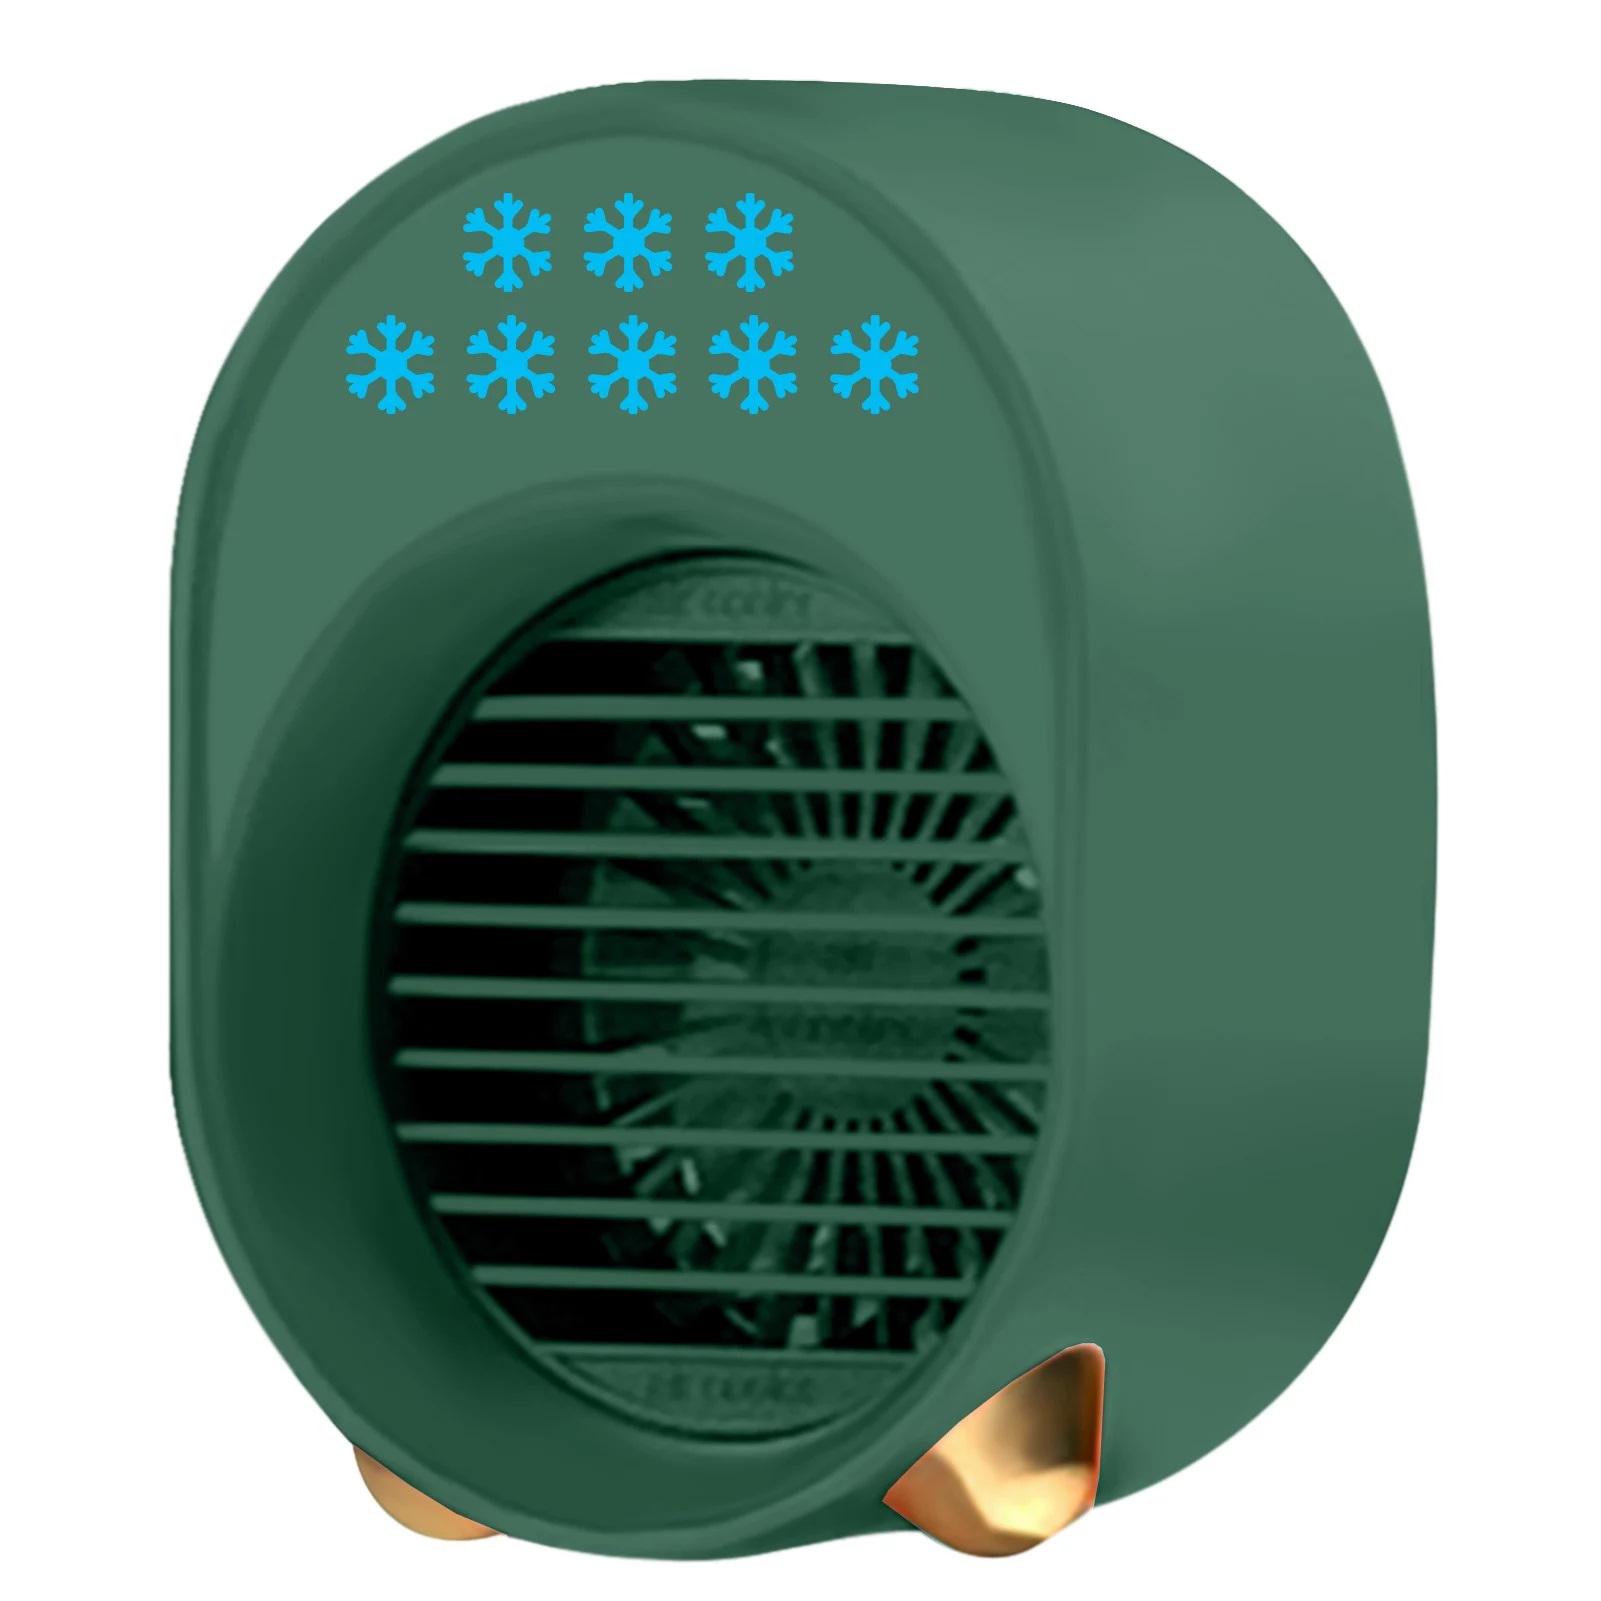 Quạt Mát Đa Năng 280Ml, Quạt Điều Hòa Không Khí Làm Mát Nhanh LED 3 Cấp Độ Bằng Nhựa ABS Nguyên Tử Hóa Nano Cho Sử Dụng Hàng Ngày